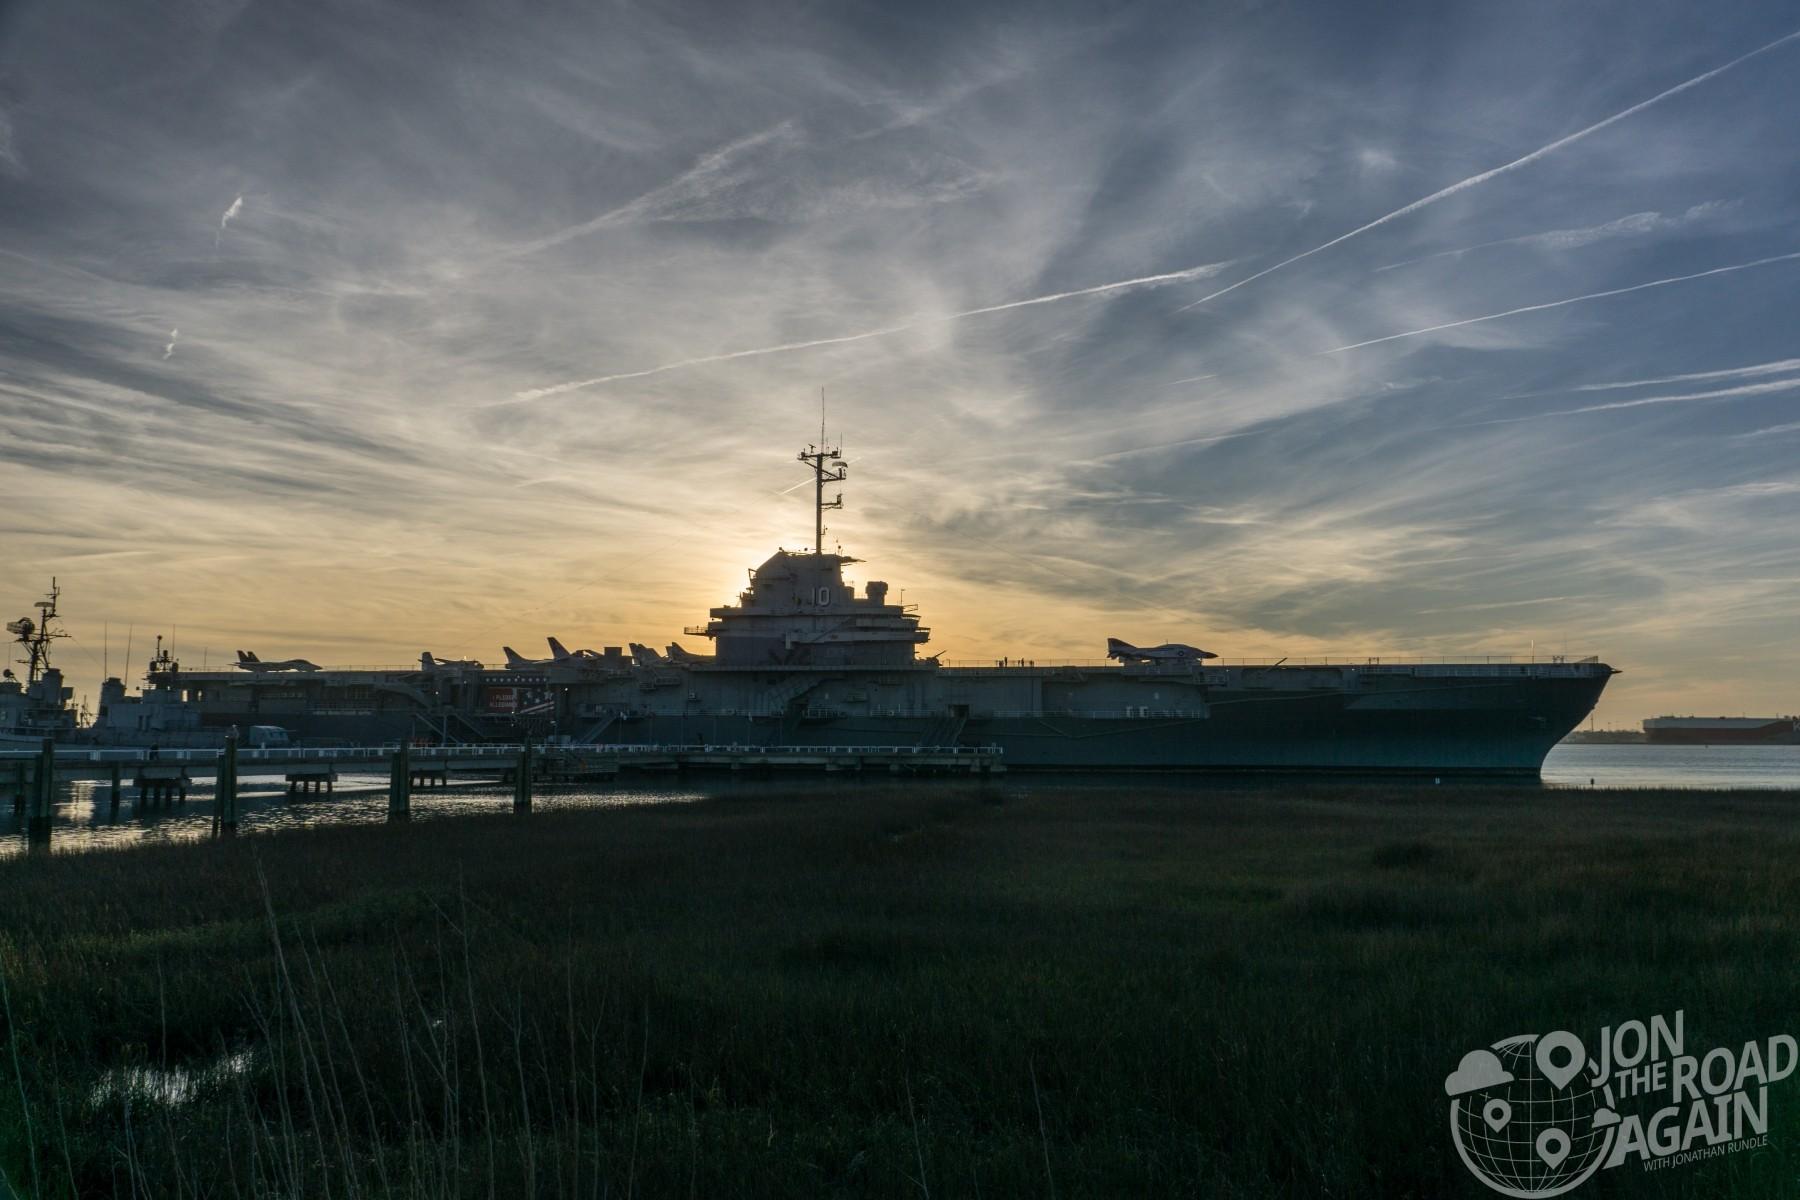 USS Yorktown at sunset